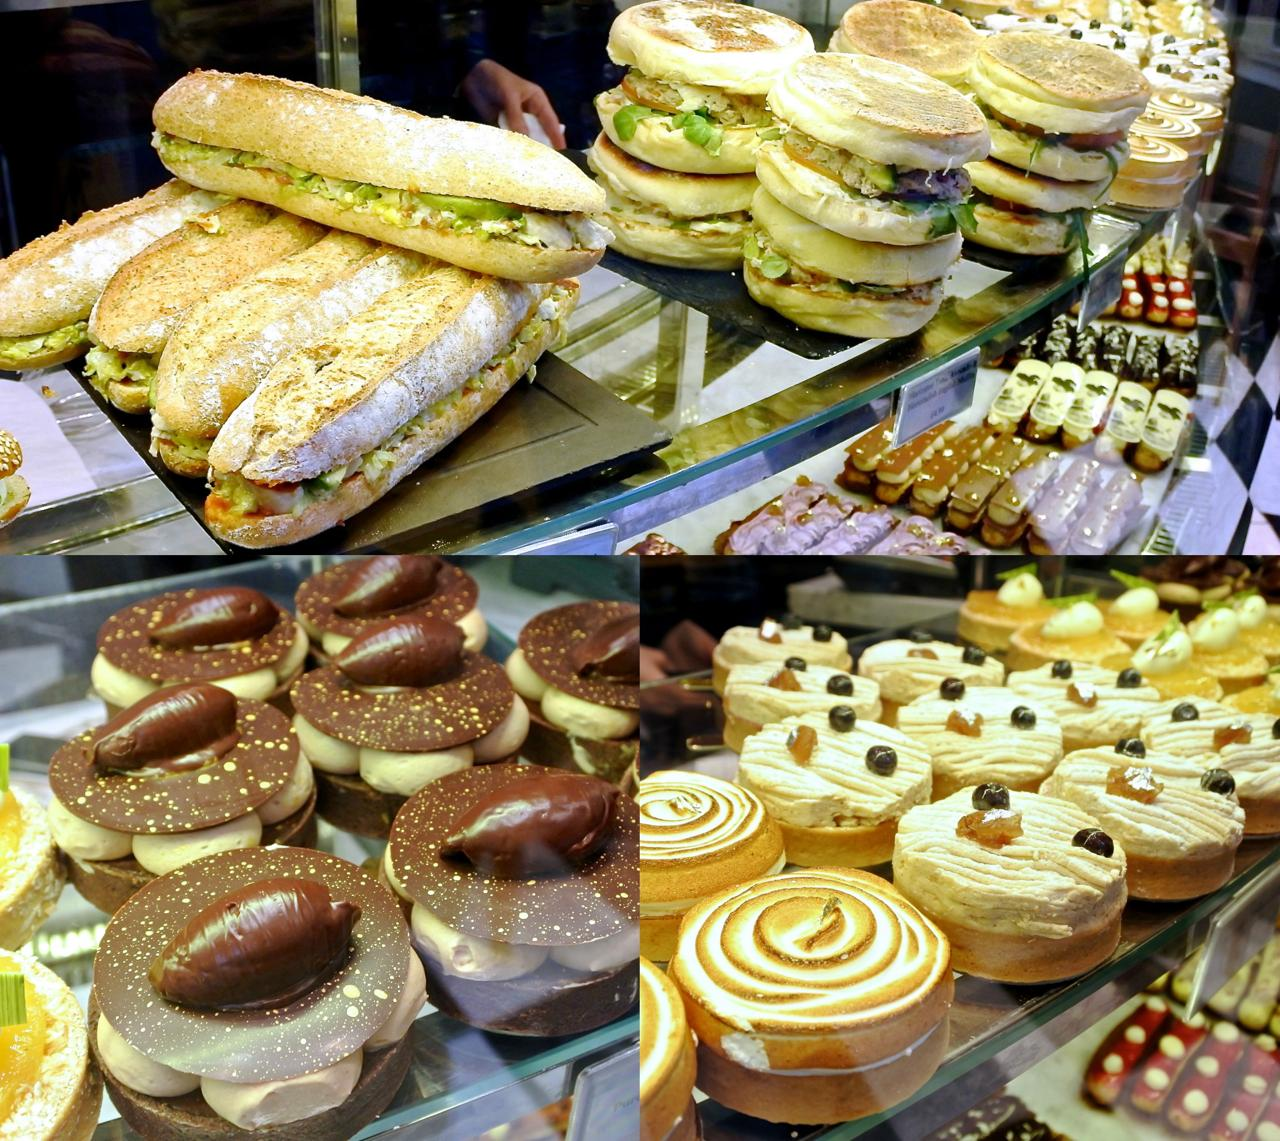 サンドイッチ類はボリューム満点、ケーキも大ぶりです